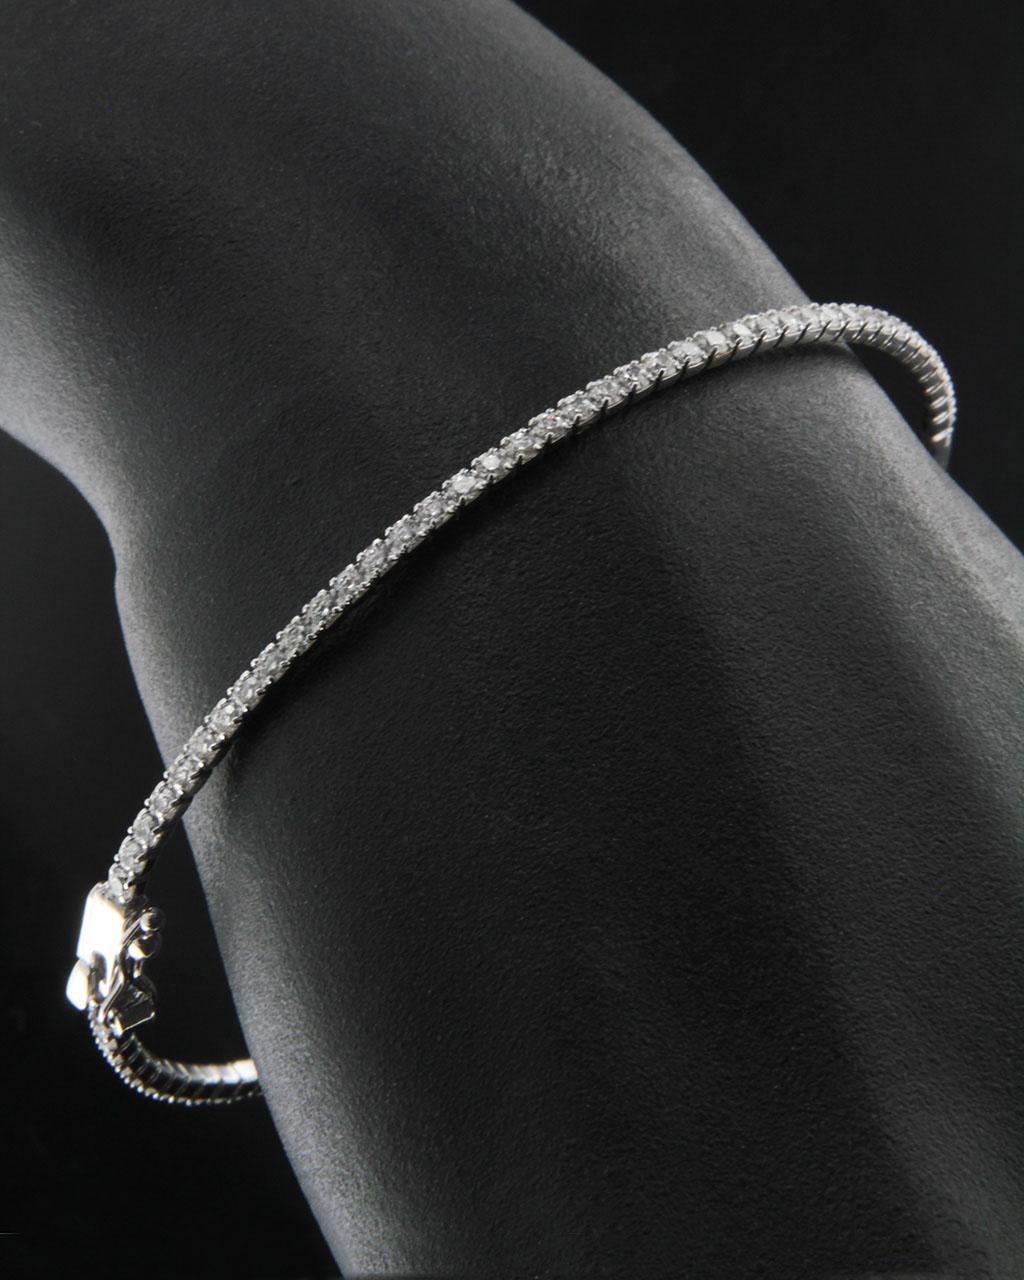 Βραχιόλι λευκόχρυσο Κ14 με Ζιργκόν   κοσμηματα βραχιόλια βραχιόλια fashion